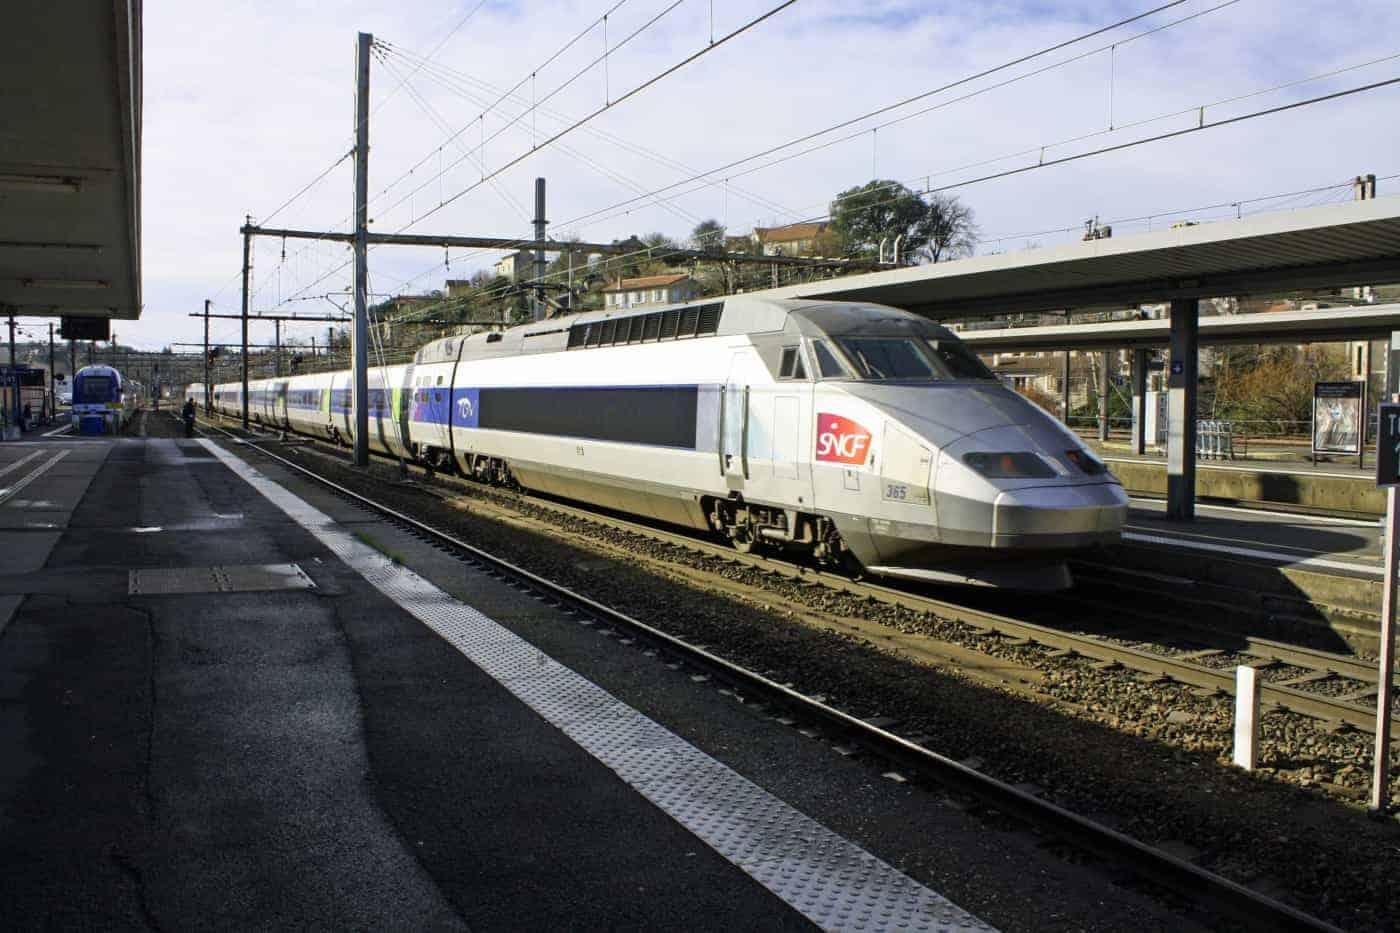 , La ligne ferroviaire Aix-Marseille poursuit sa modernisation, Made in Marseille, Made in Marseille